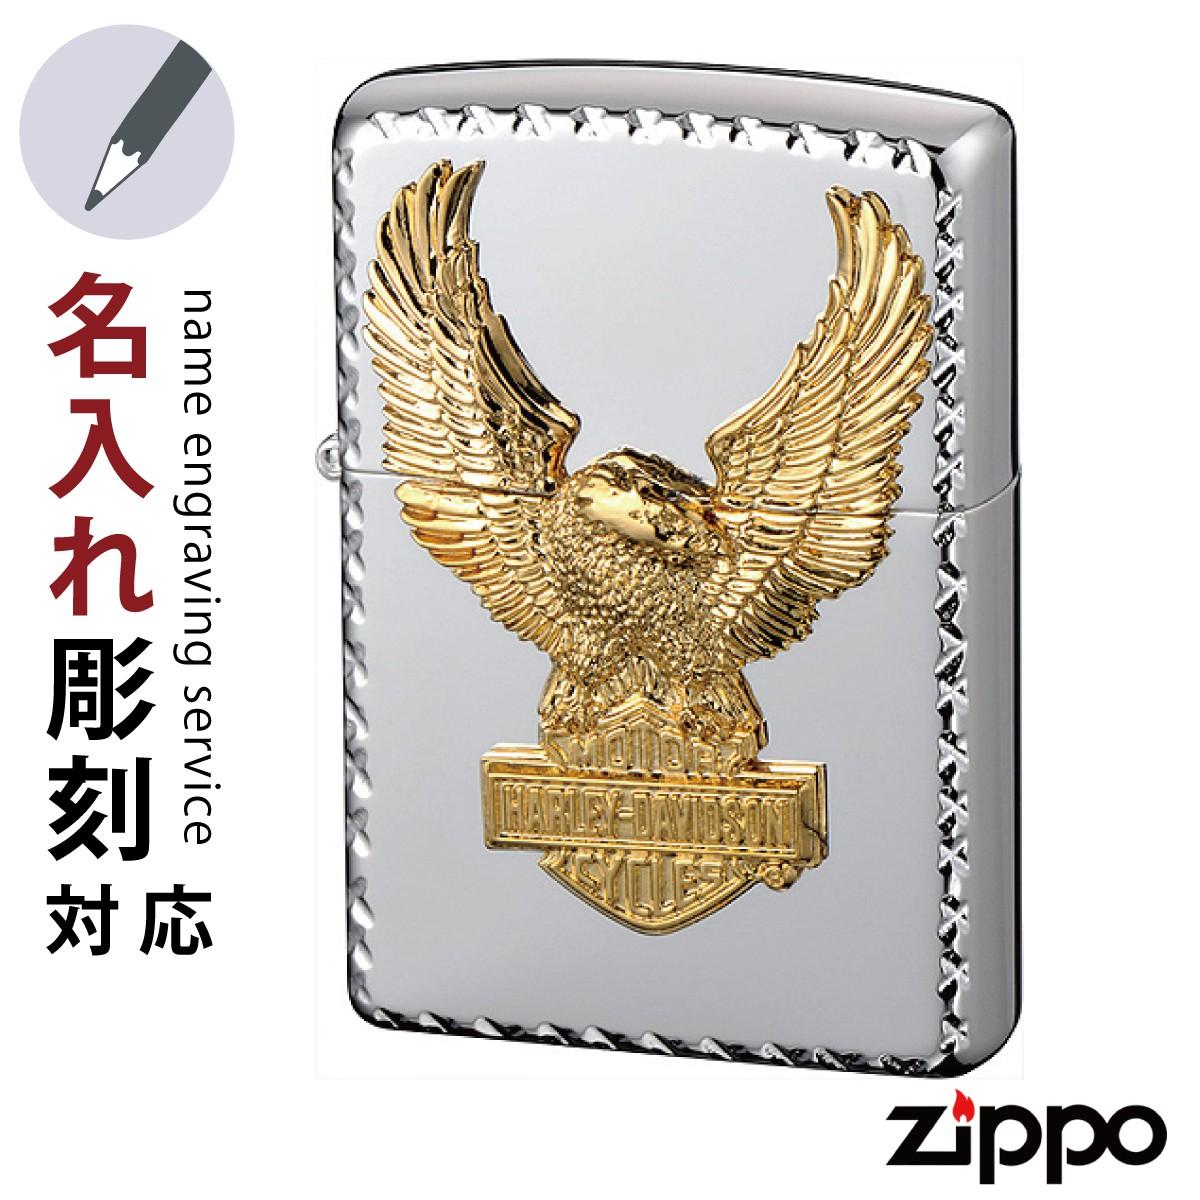 zippo 名入れ ジッポー ライター ハーレーダビッドソンHDP21 名入れ ギフト オイルライター ジッポライター ギフト プレゼント 彼氏 男性 メンズ